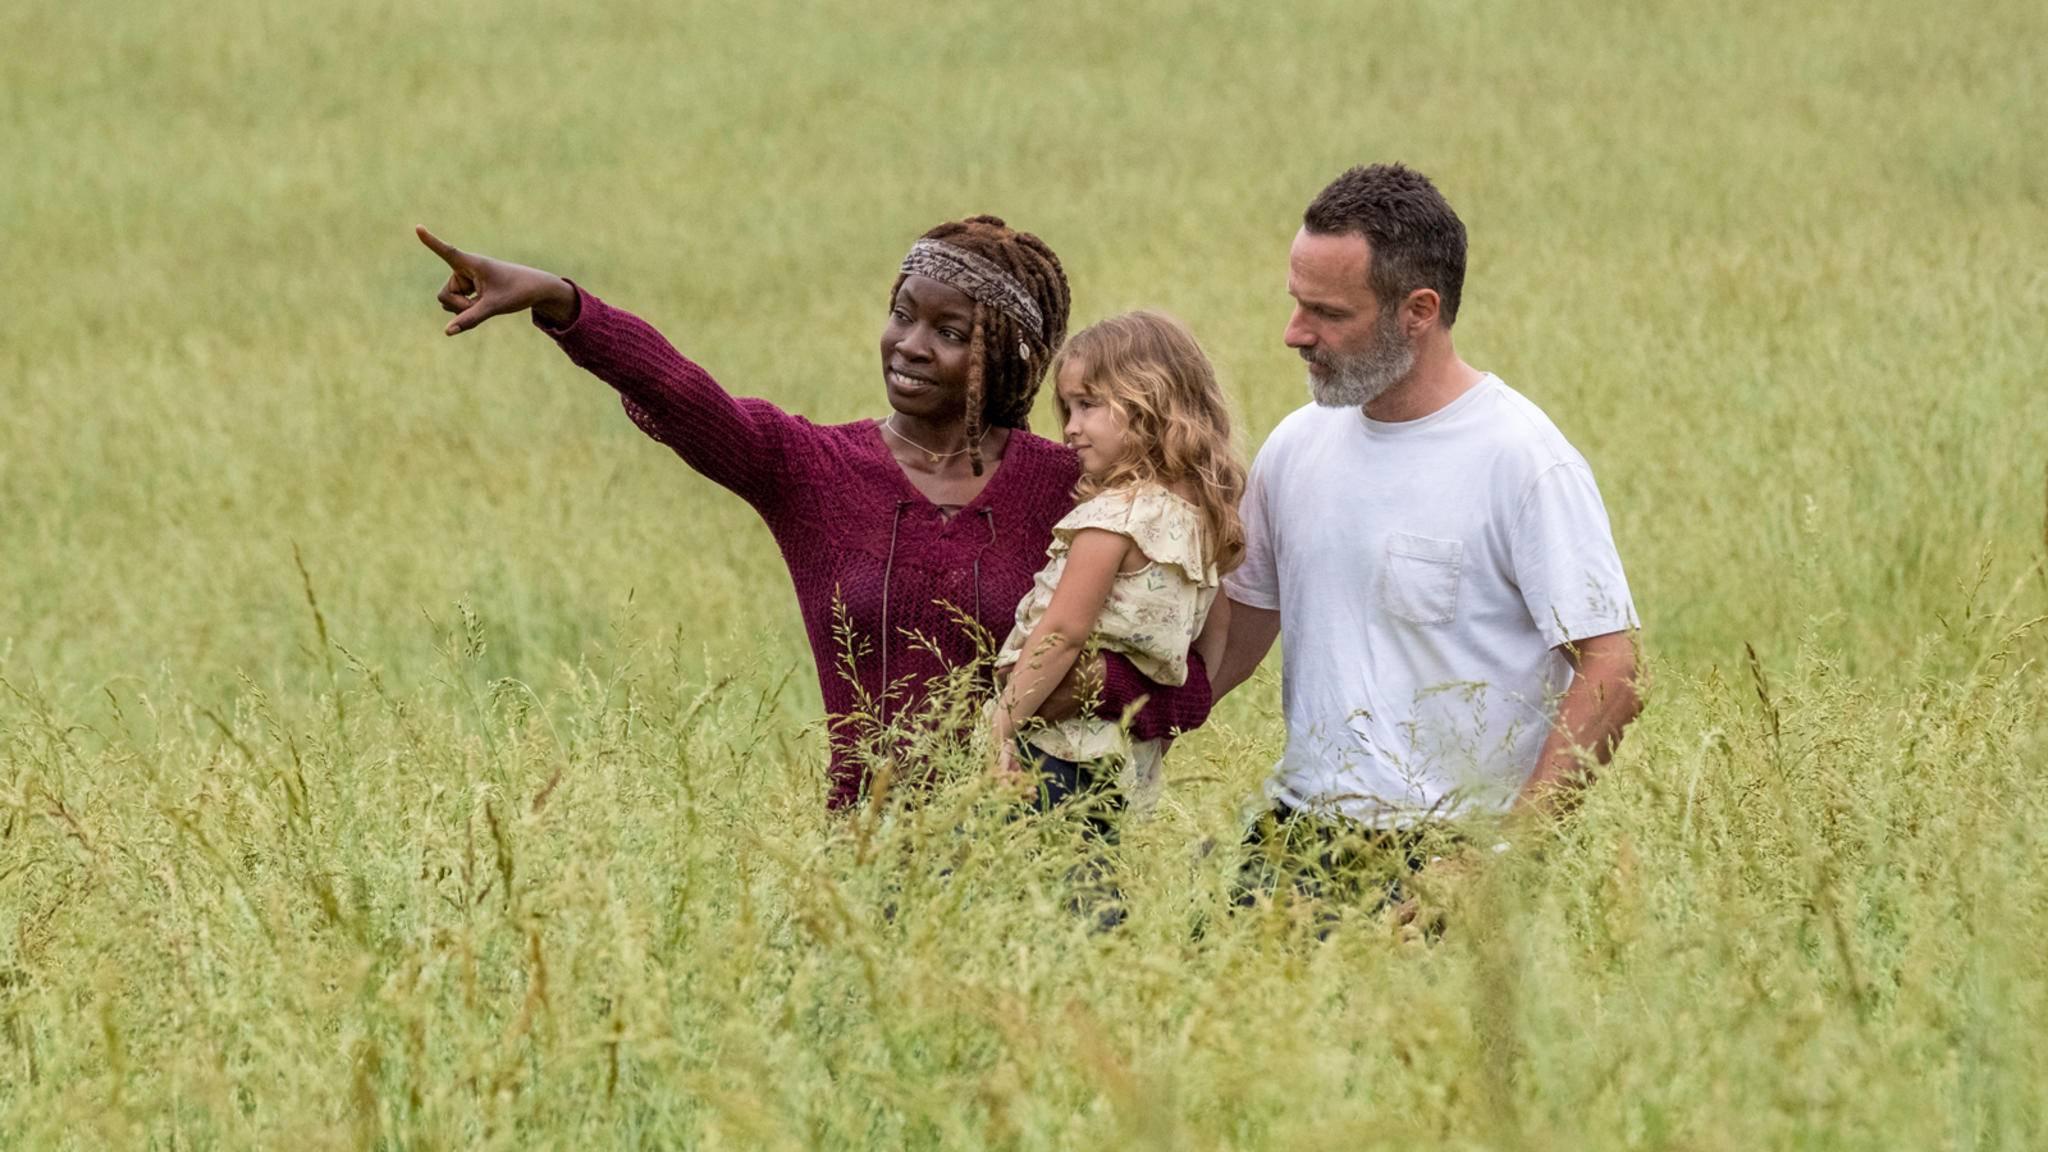 Michonne, Judith und Rick scheinen keine Angst zu haben, im freien Feld ihre Zeit zu verbringen.